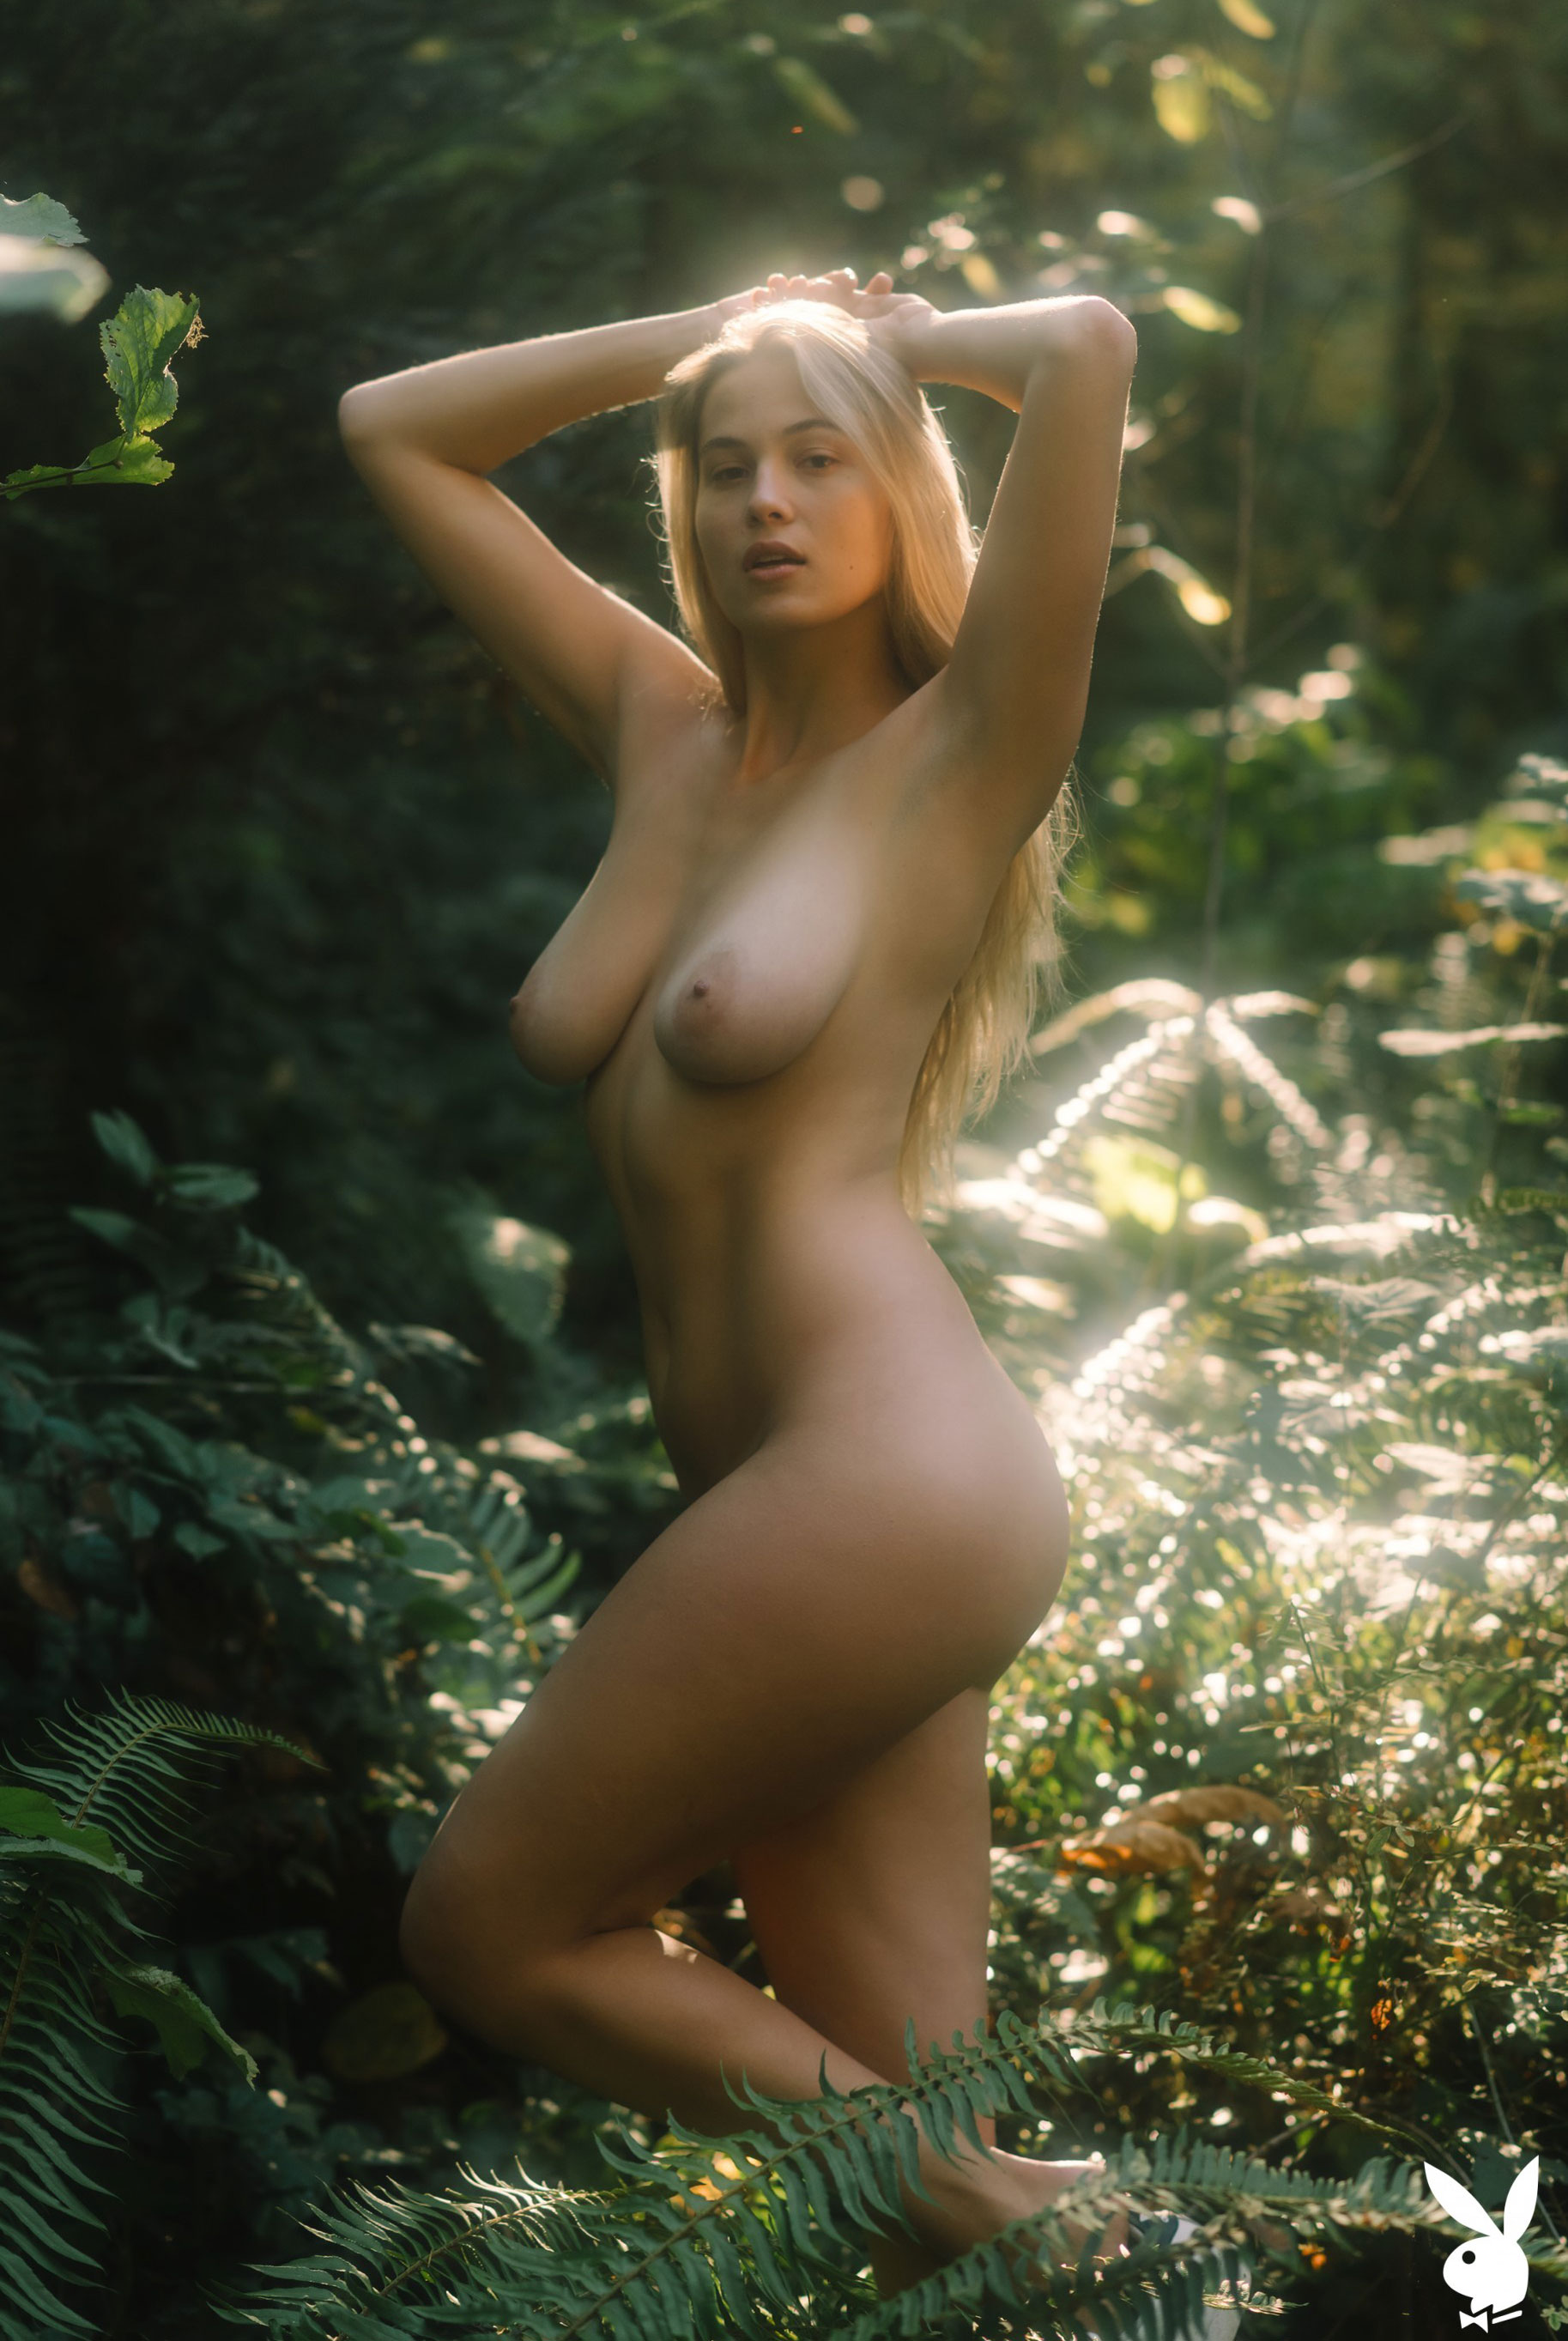 Меган Мур - Девушка месяца февраль 2019 Playboy США / фото 17